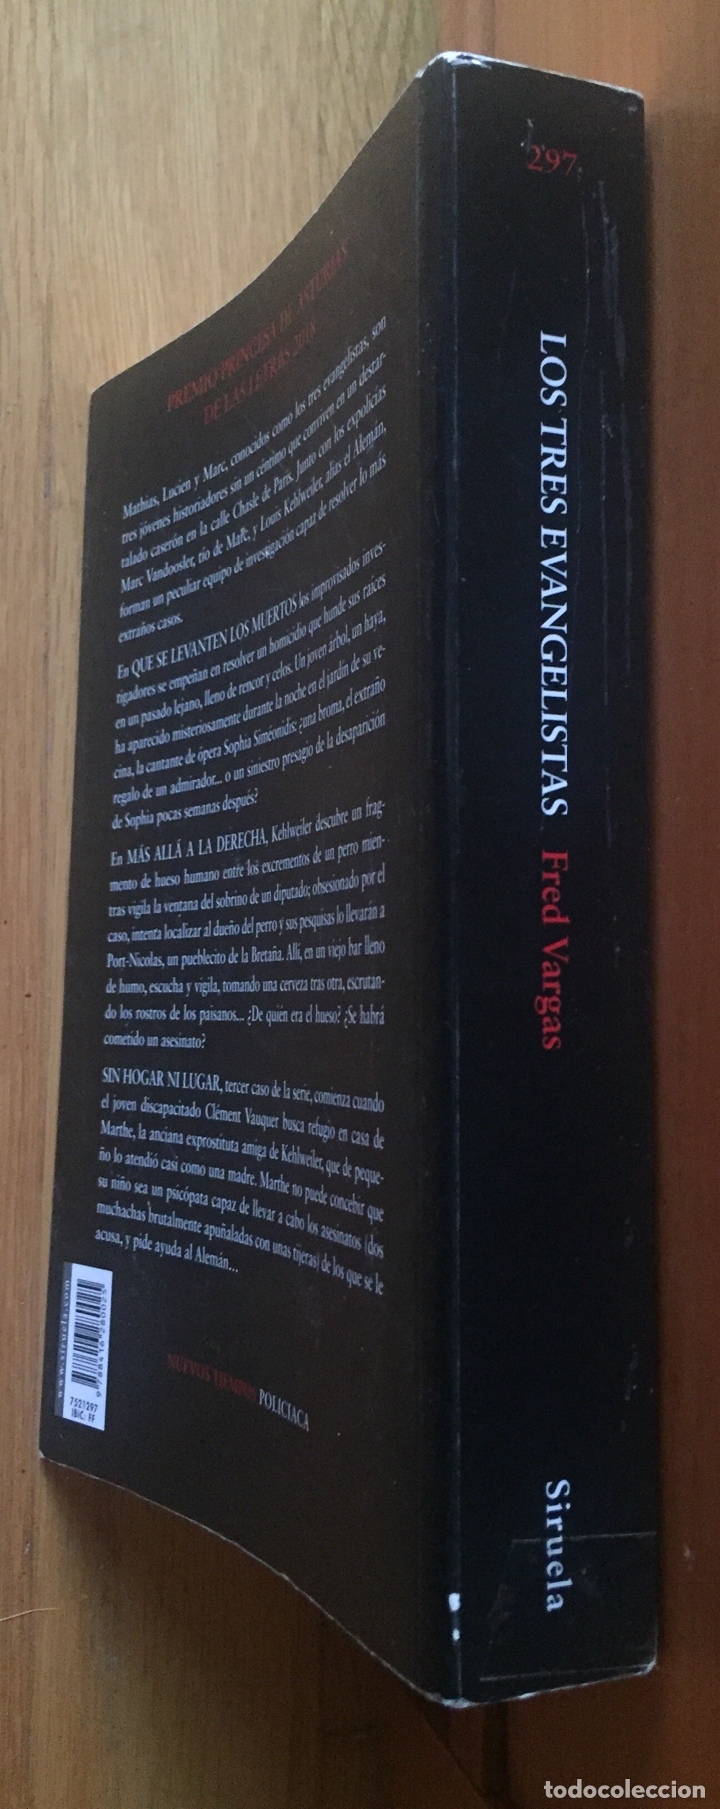 Libros antiguos: LOS TRES EVANGELISTAS, Fred Vargas - Foto 4 - 191706513